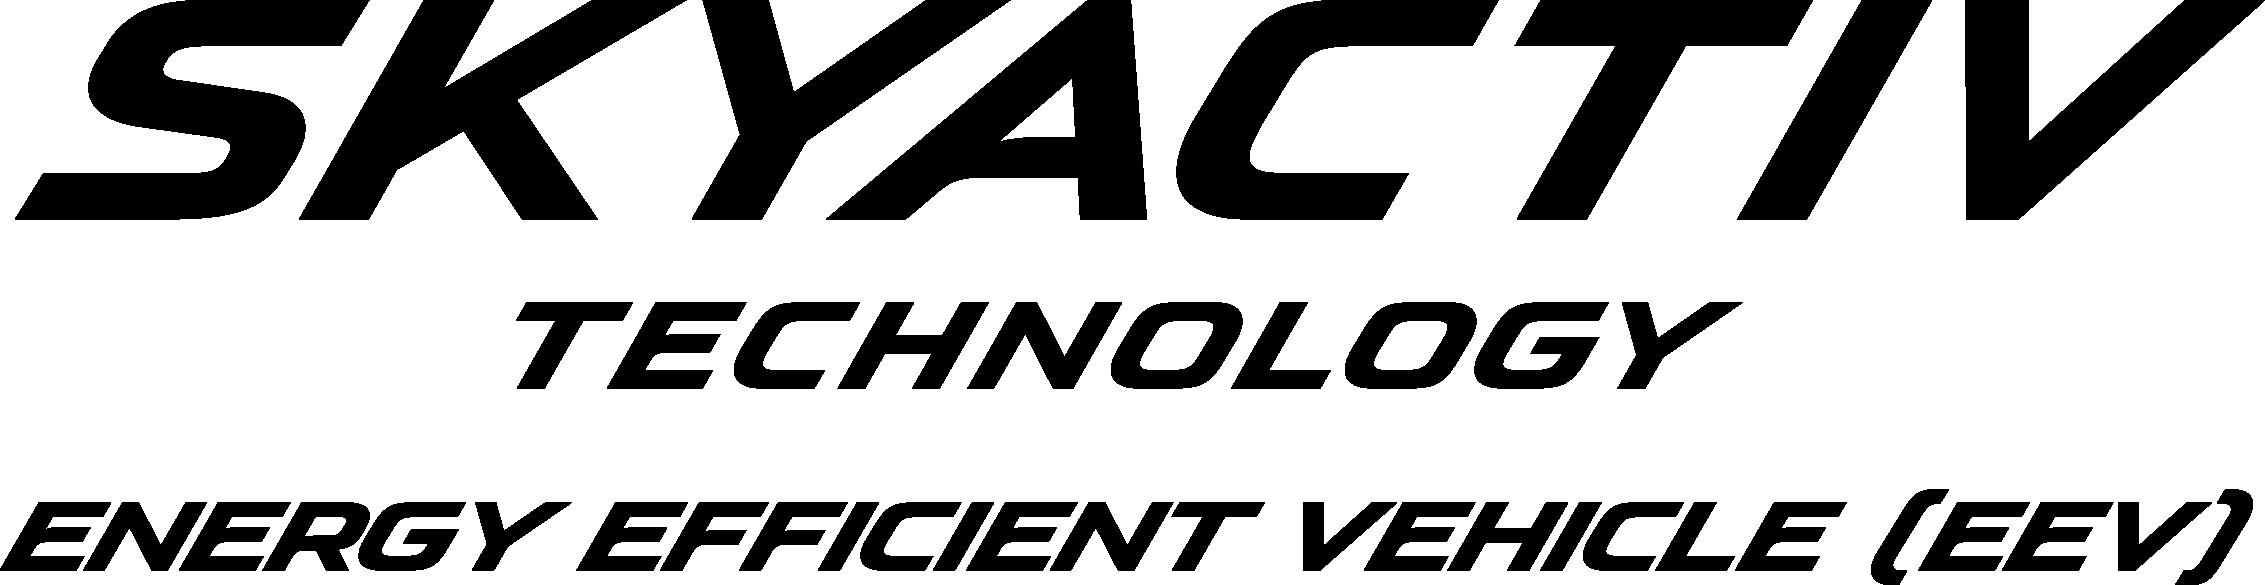 Mazda Skyactiv Logo PNG - 102894